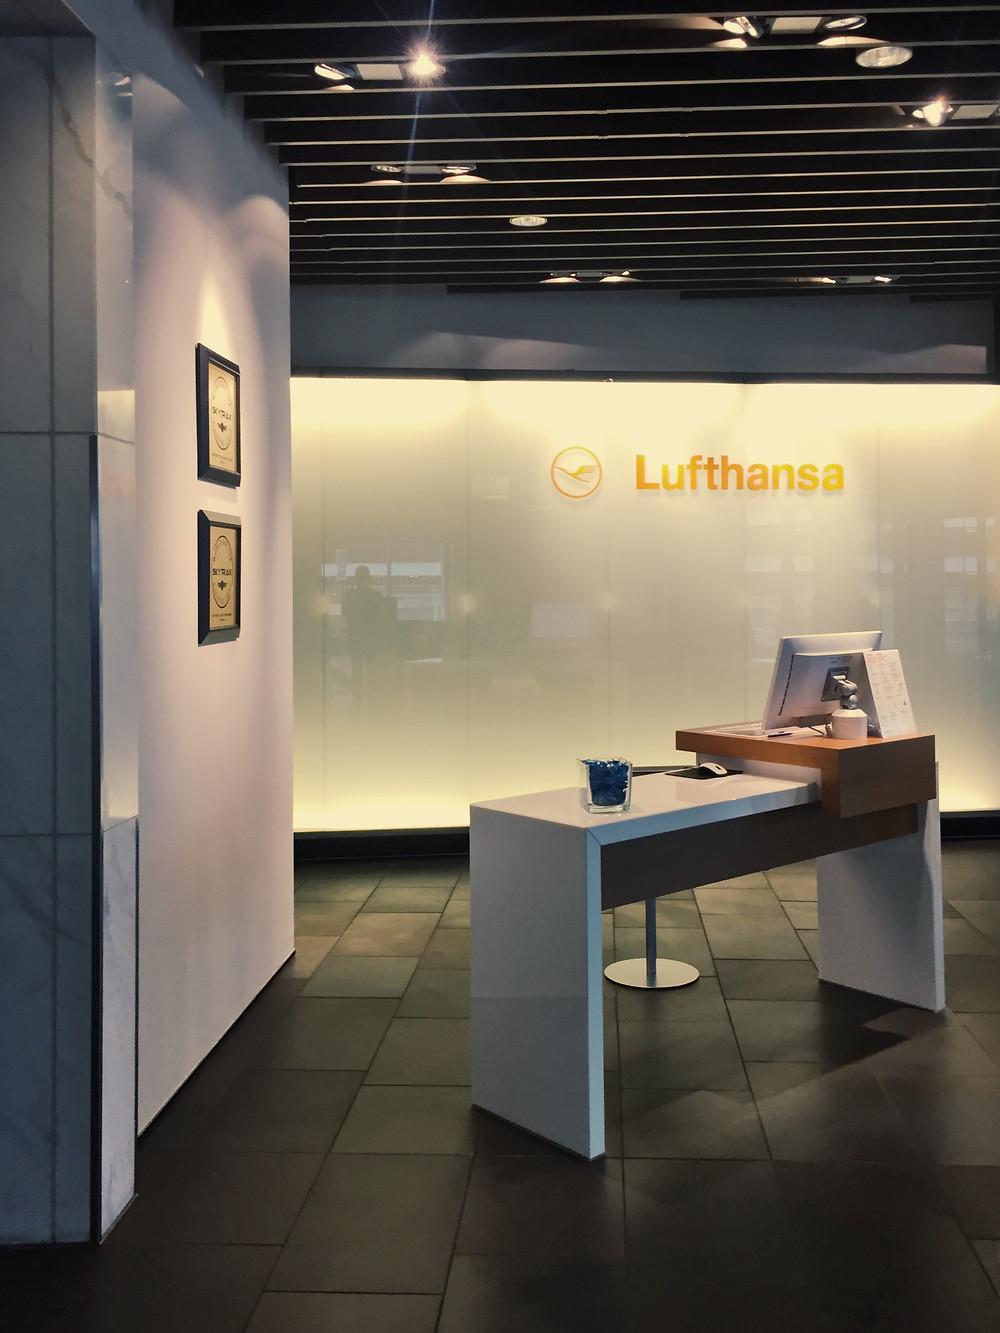 Lufthansa First Class Terminal, Check-In Desks